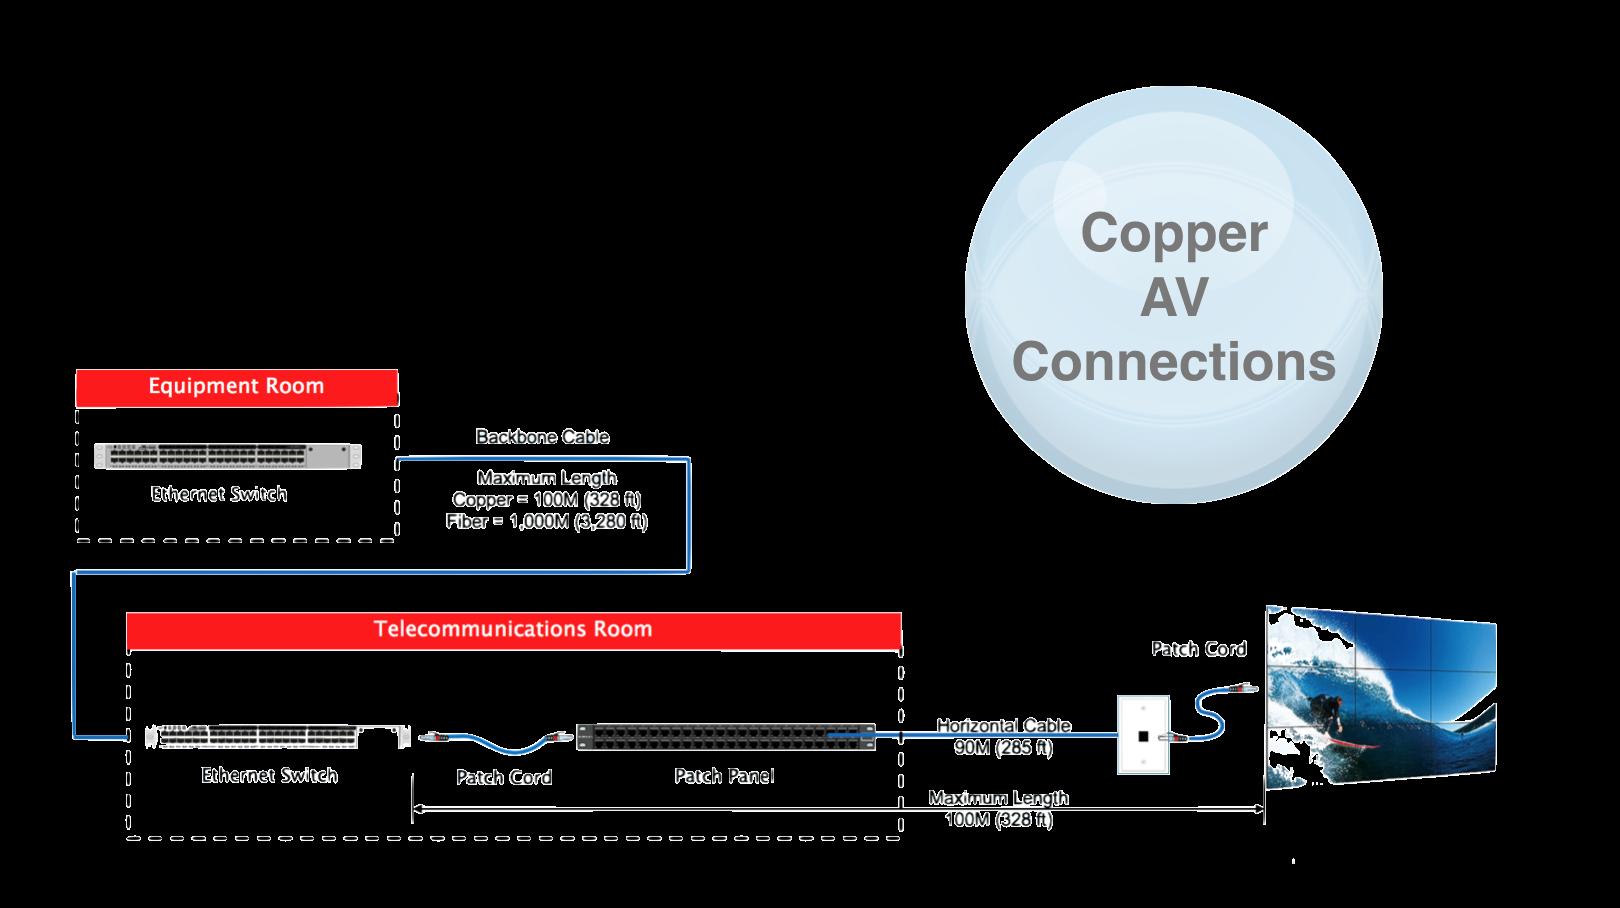 Copper AV Connections